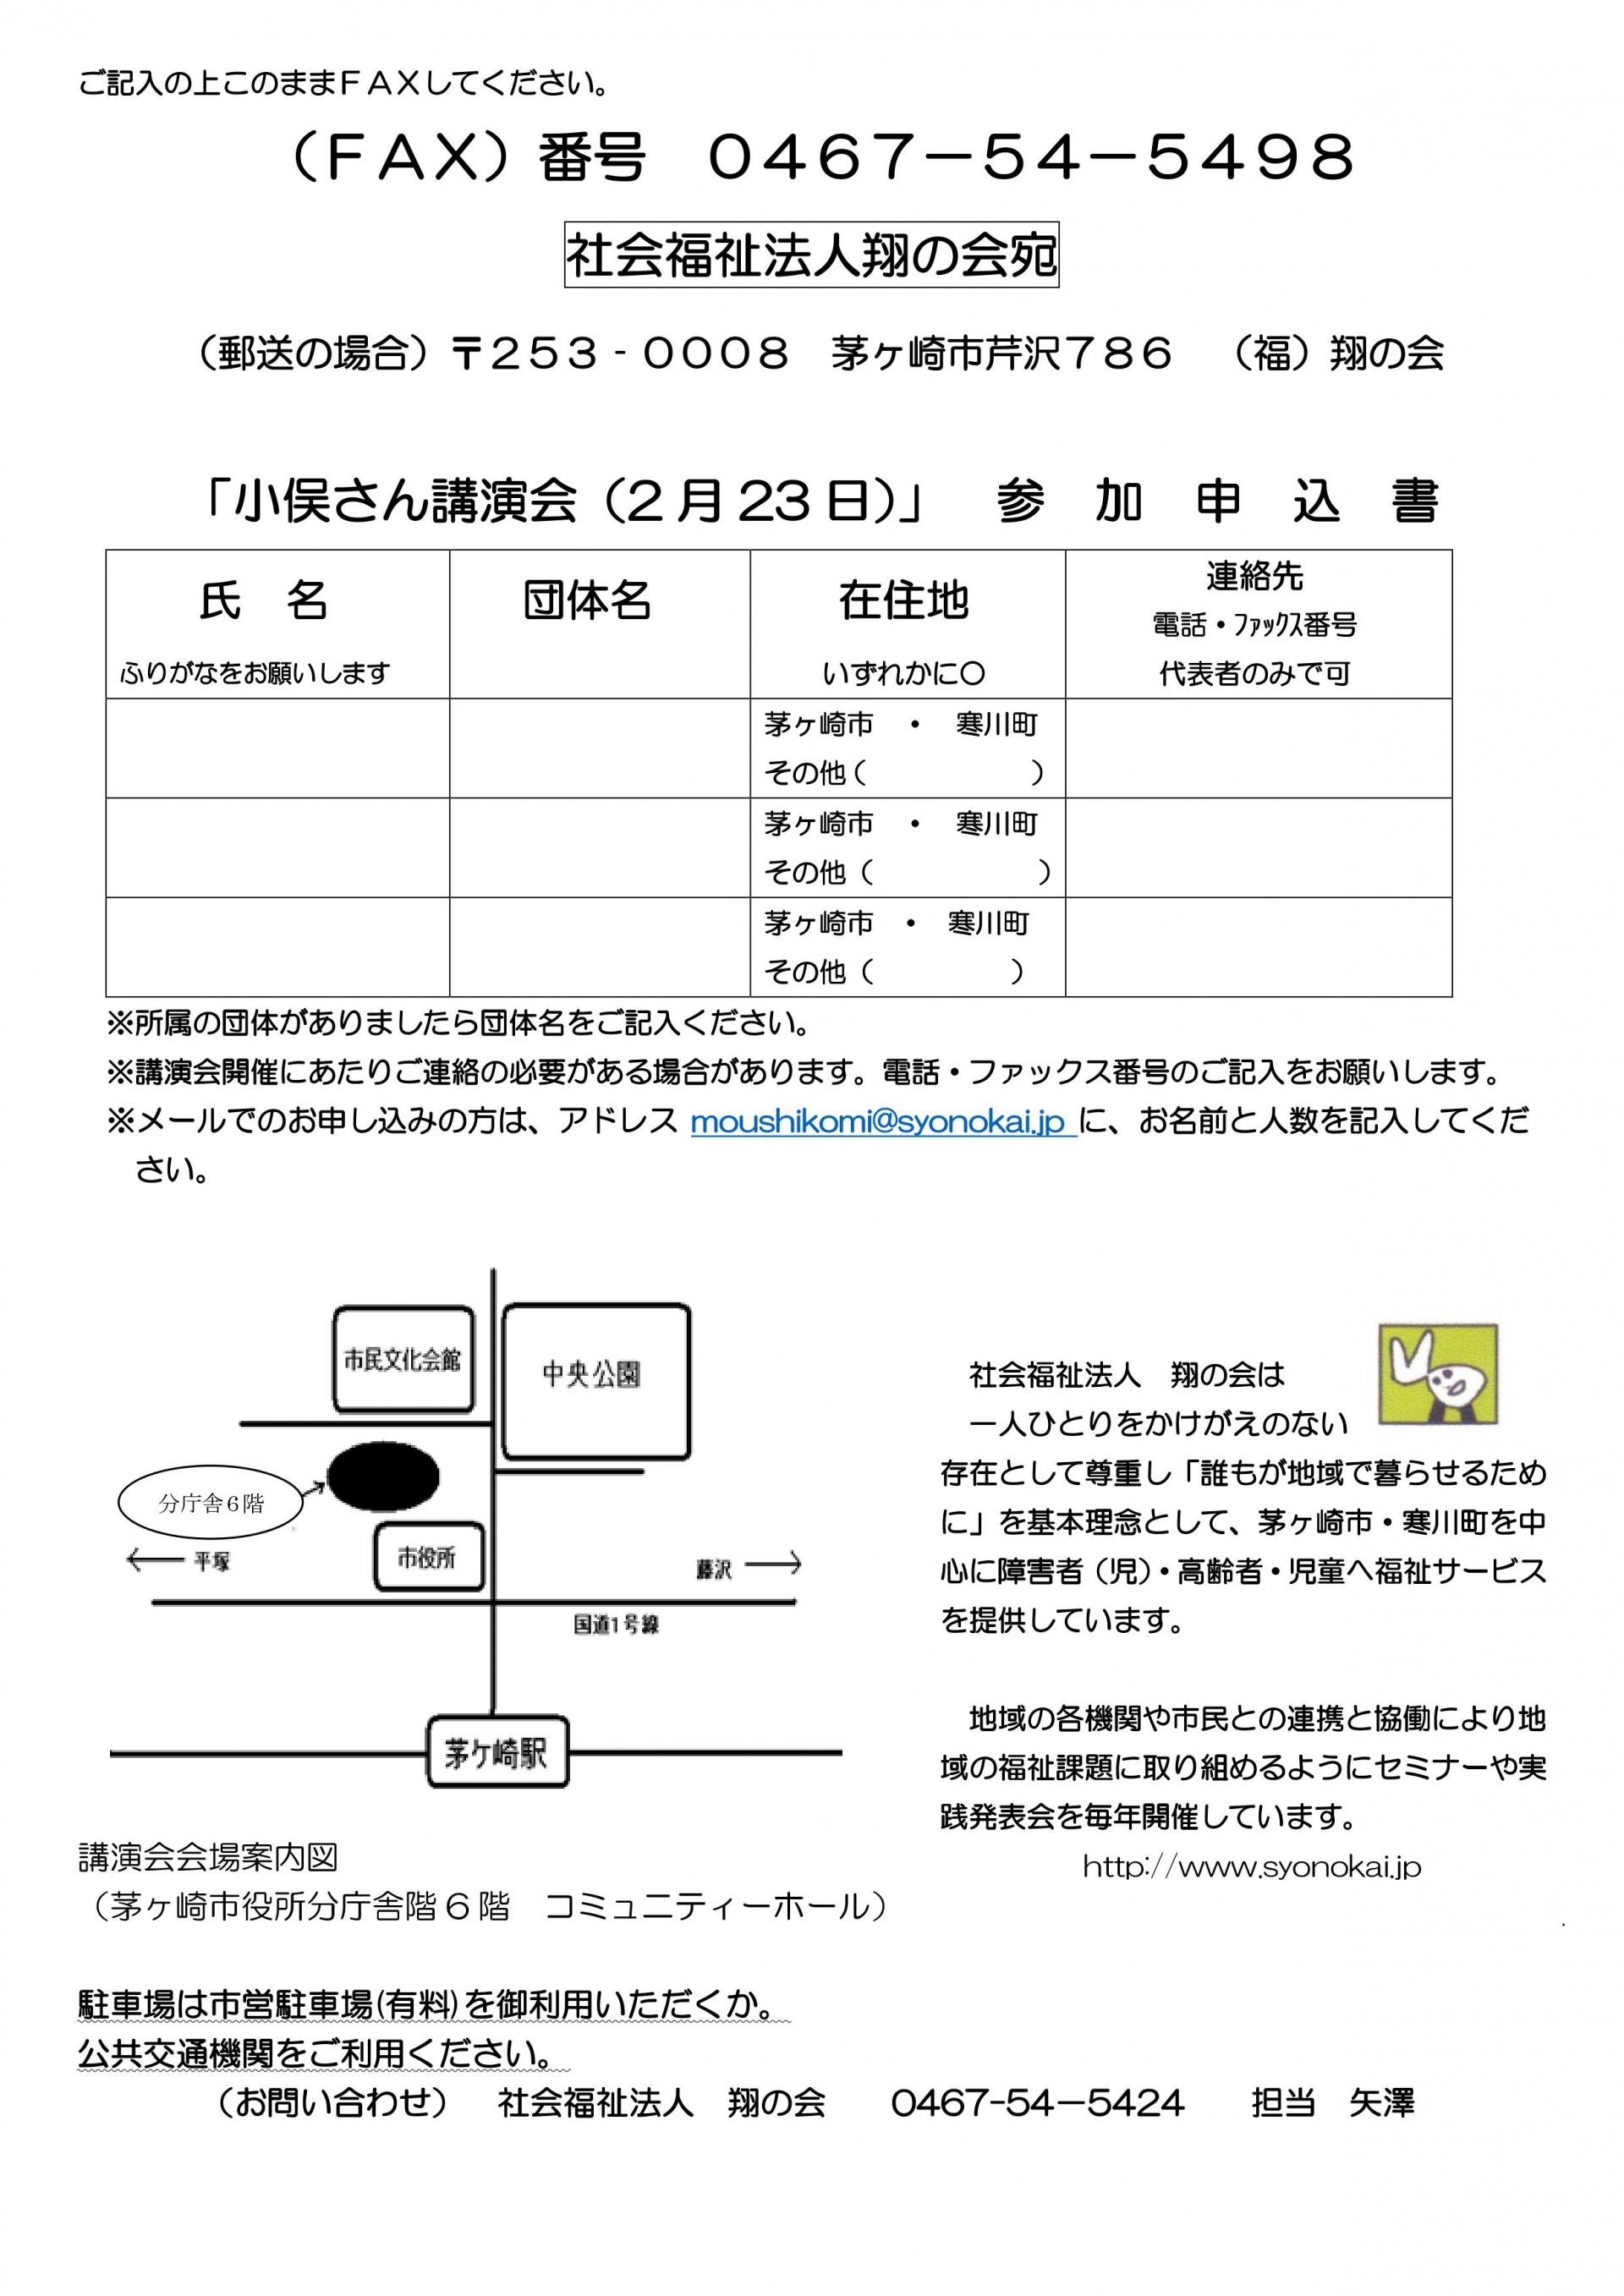 小俣夏乃さん講演会申込書